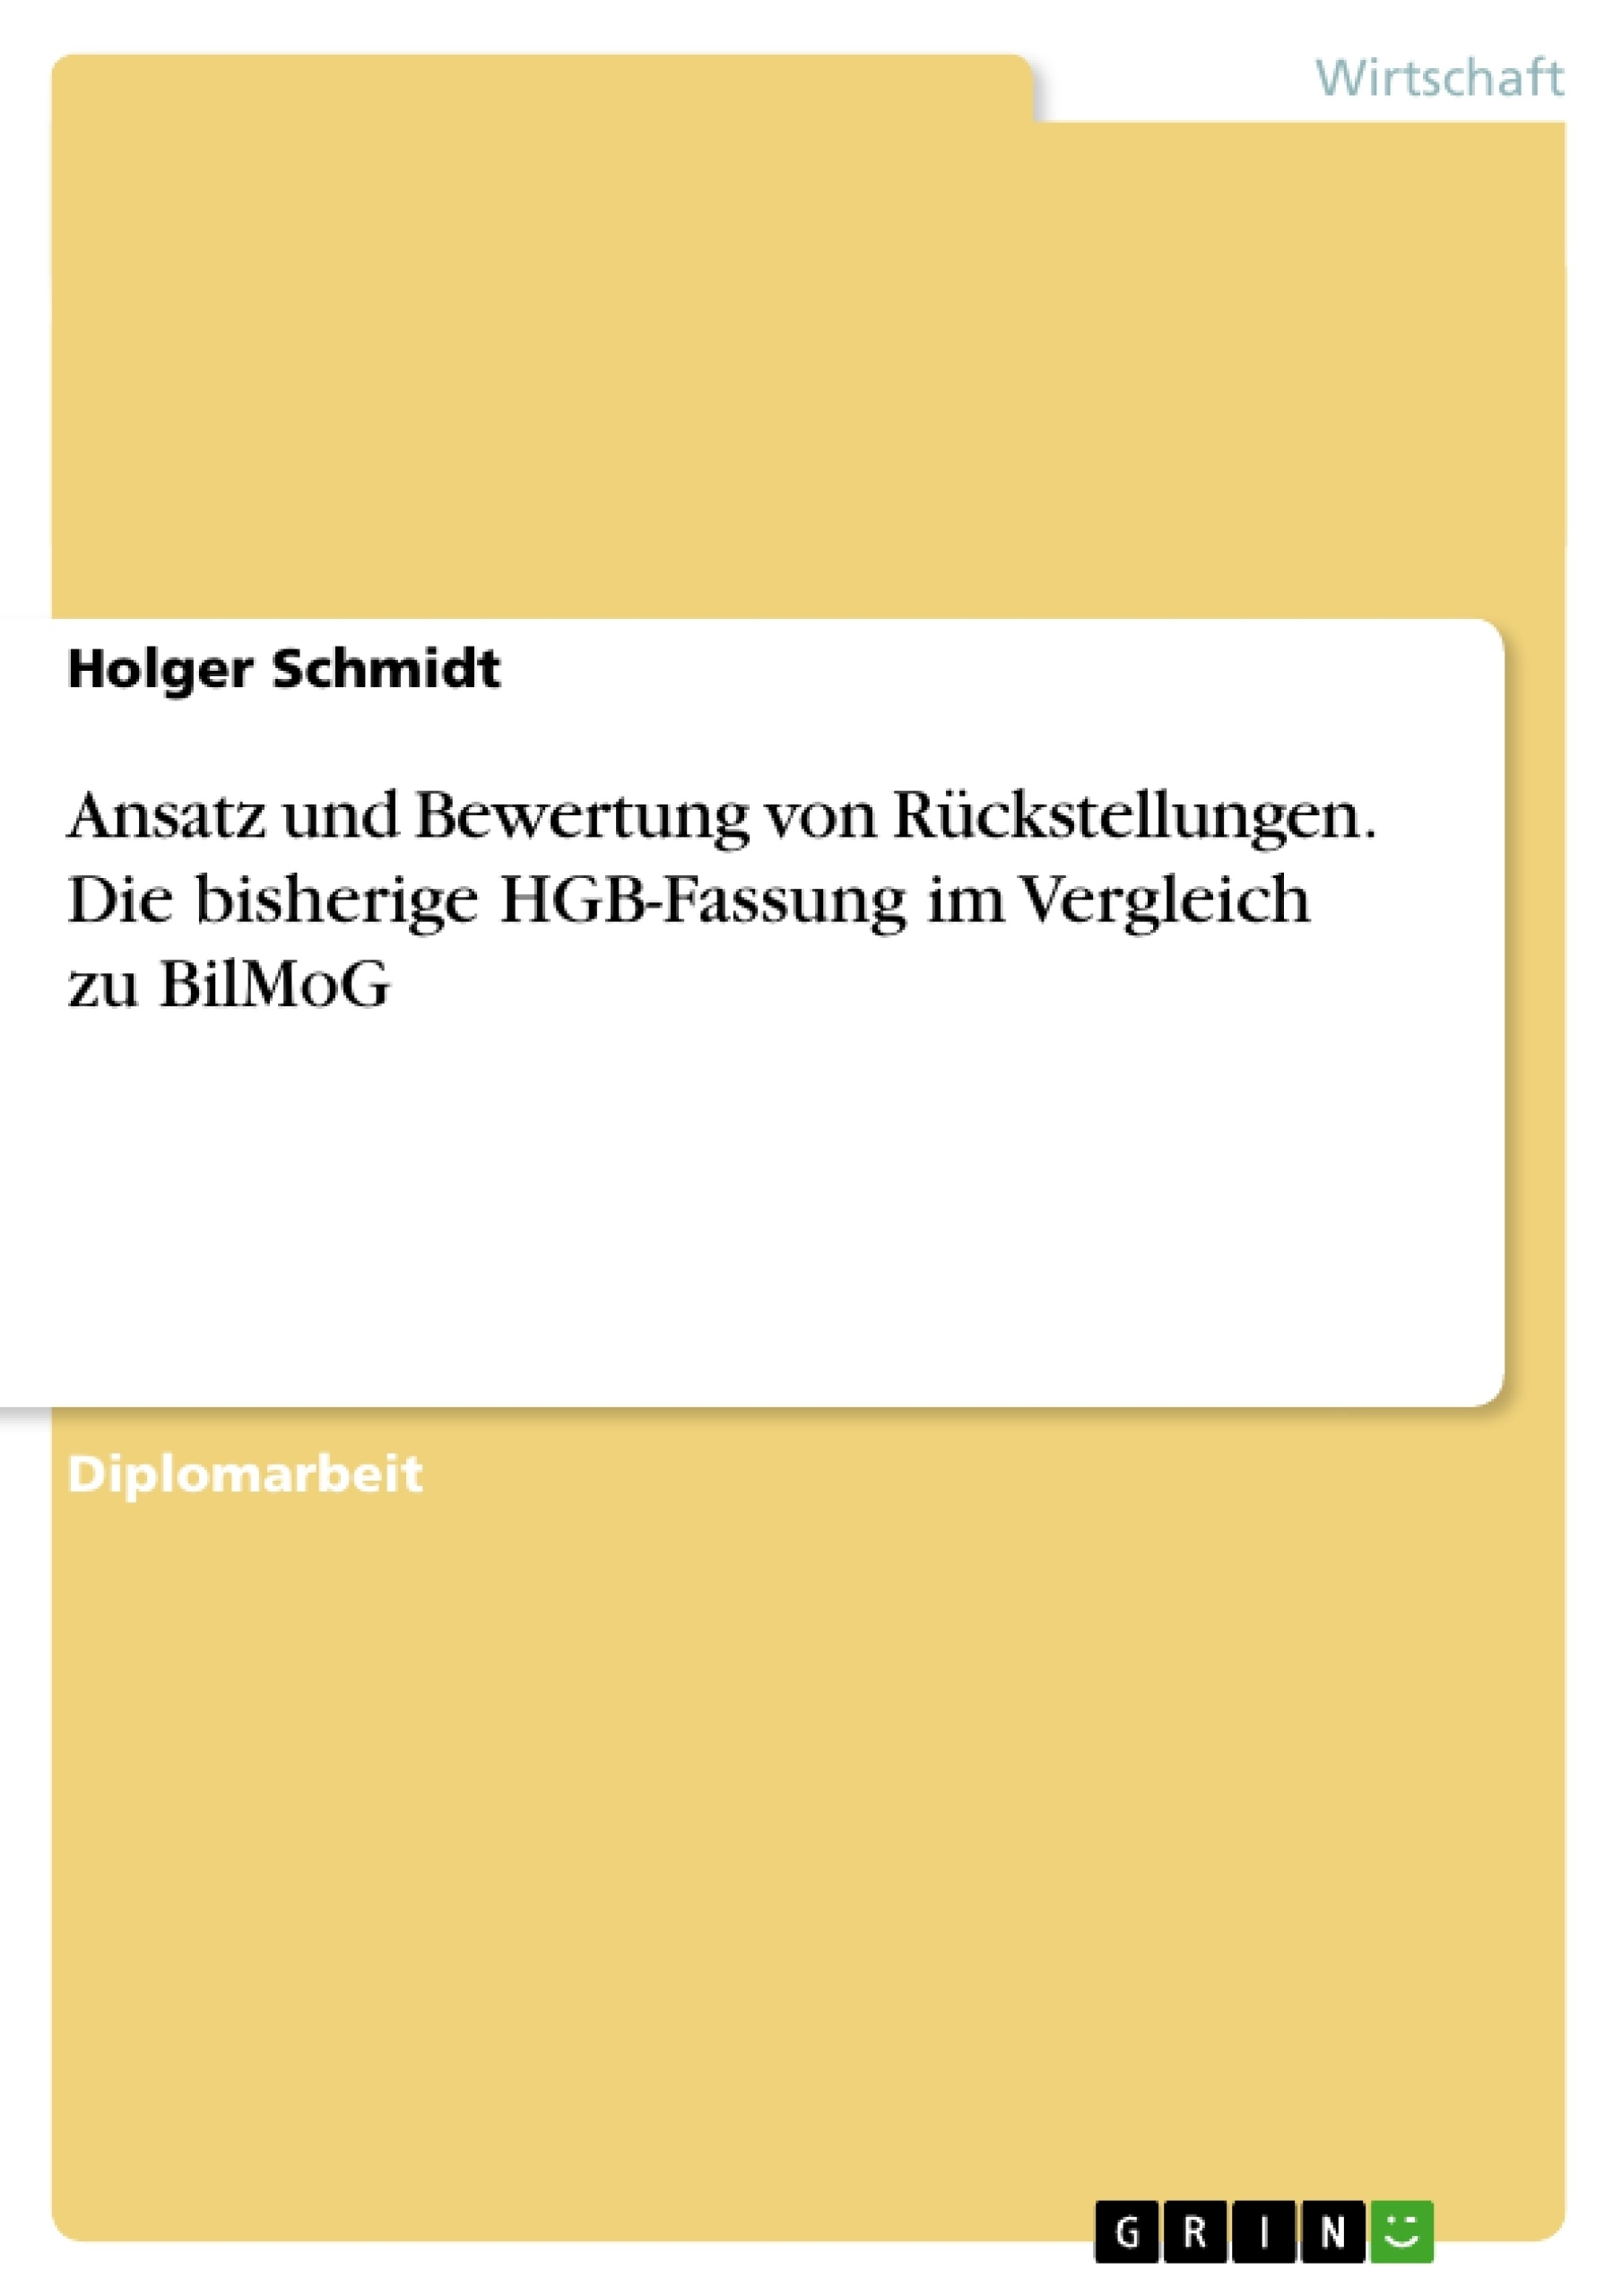 Titel: Ansatz und Bewertung von Rückstellungen. Die bisherige HGB-Fassung im Vergleich zu BilMoG